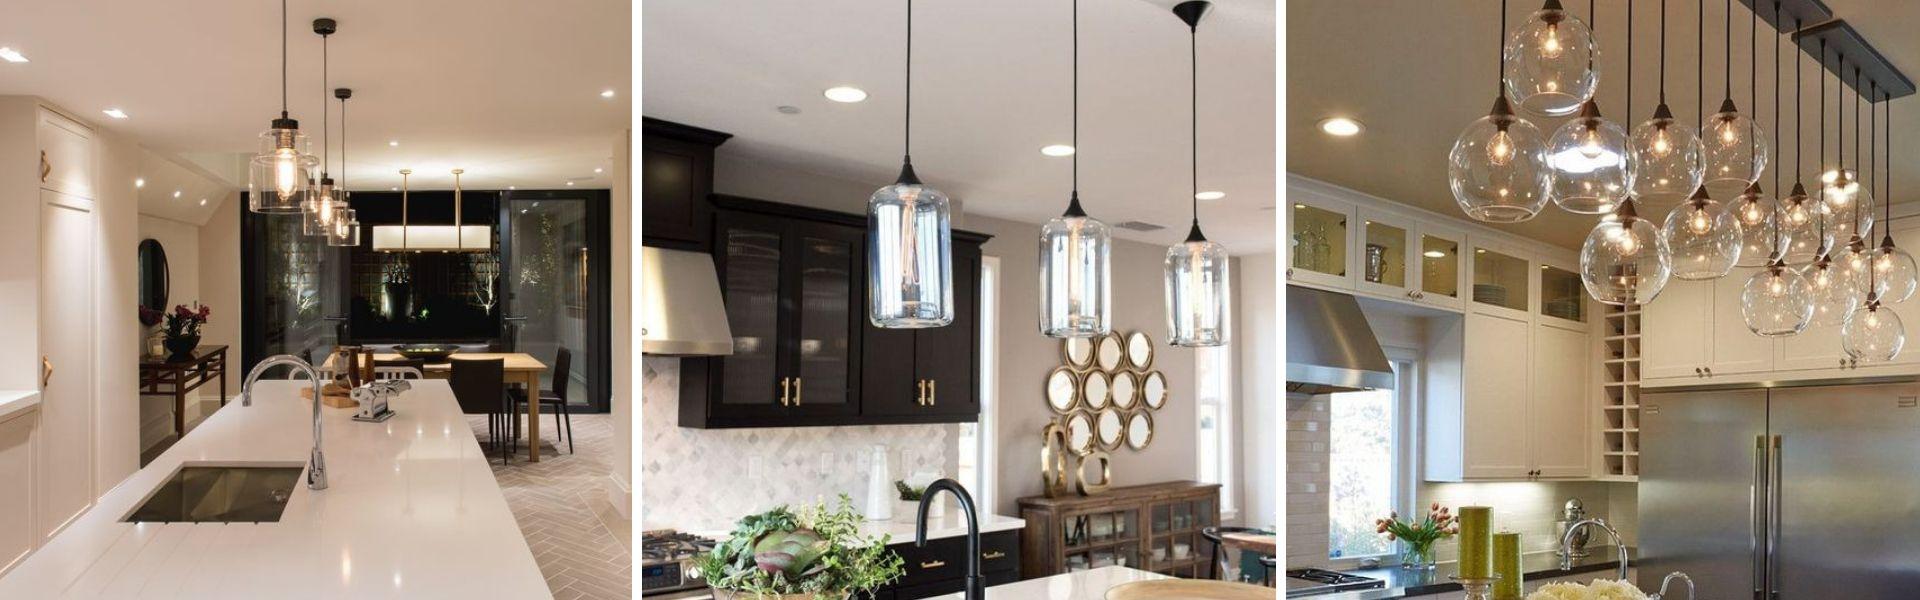 Comment bien éclairer sa cuisine | Kalla Cuisine Design